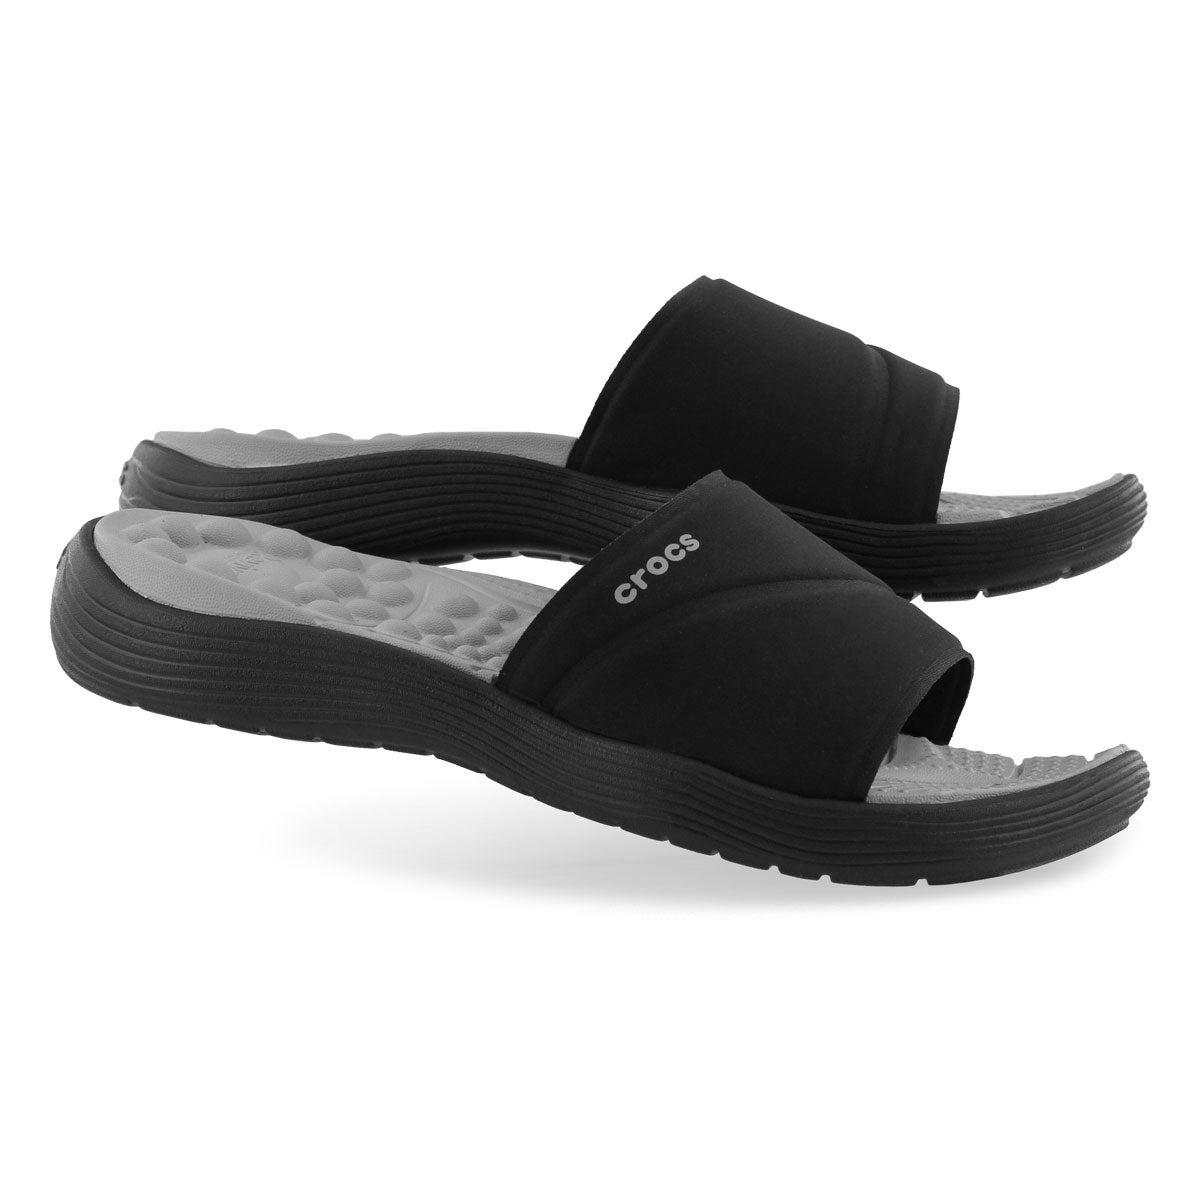 Women's Reviva Slide Sandal - Black